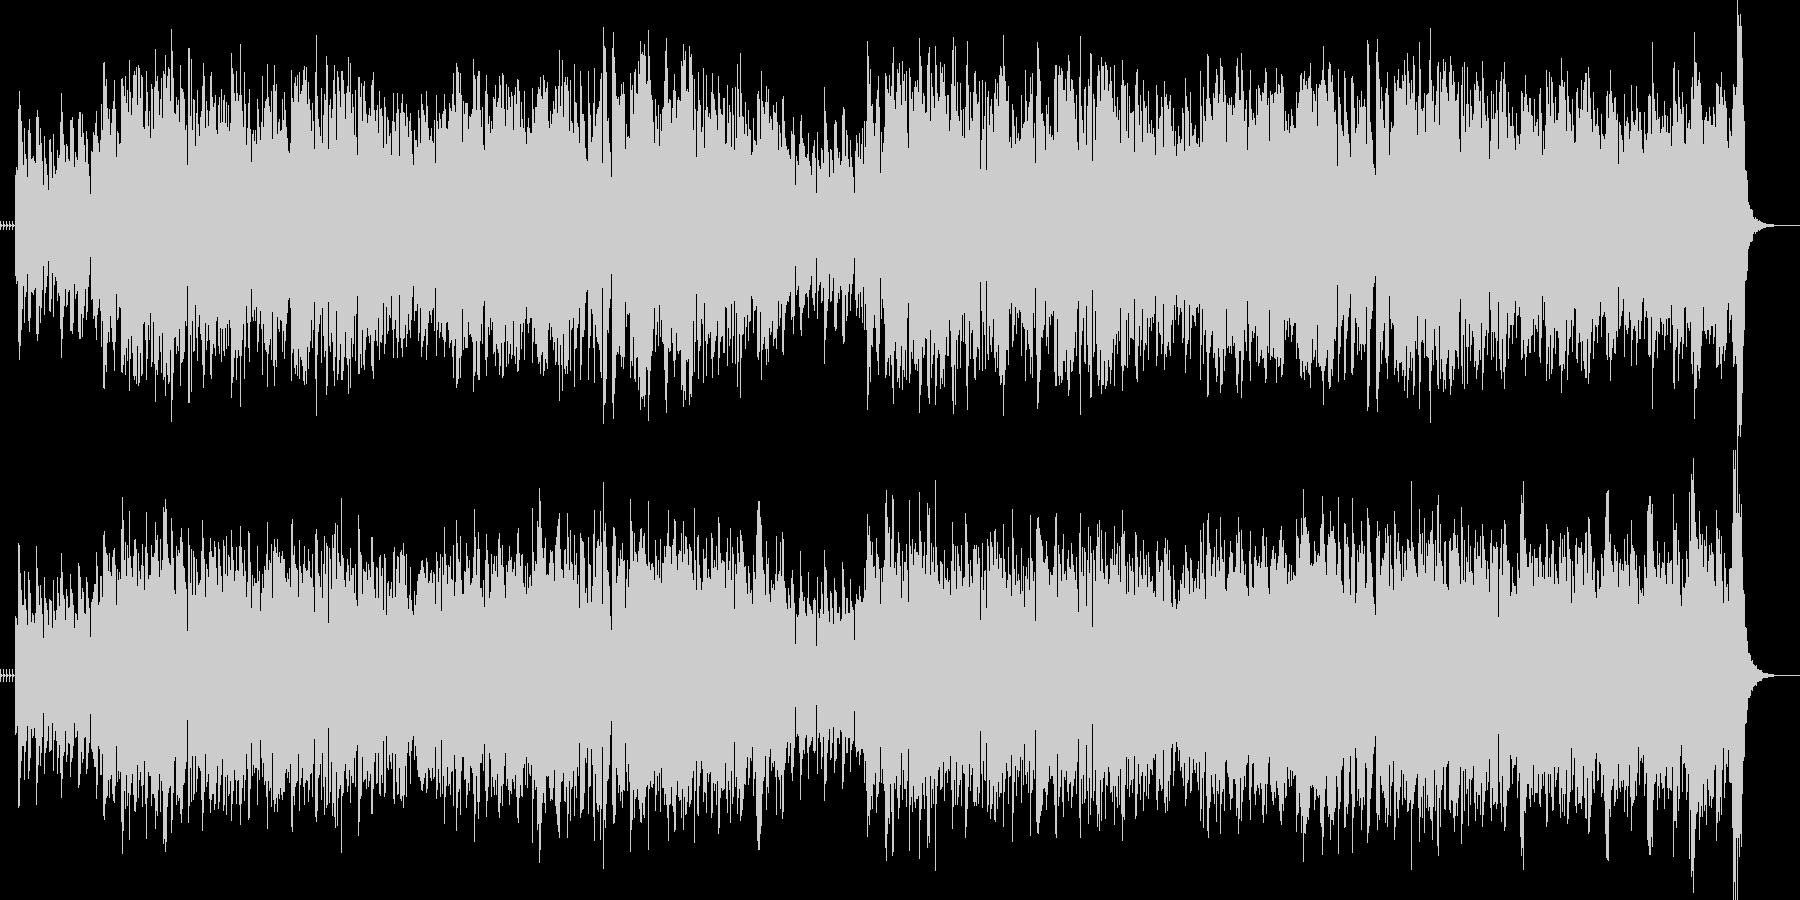 ジャズスタンダードリズミカルアップテンポの未再生の波形